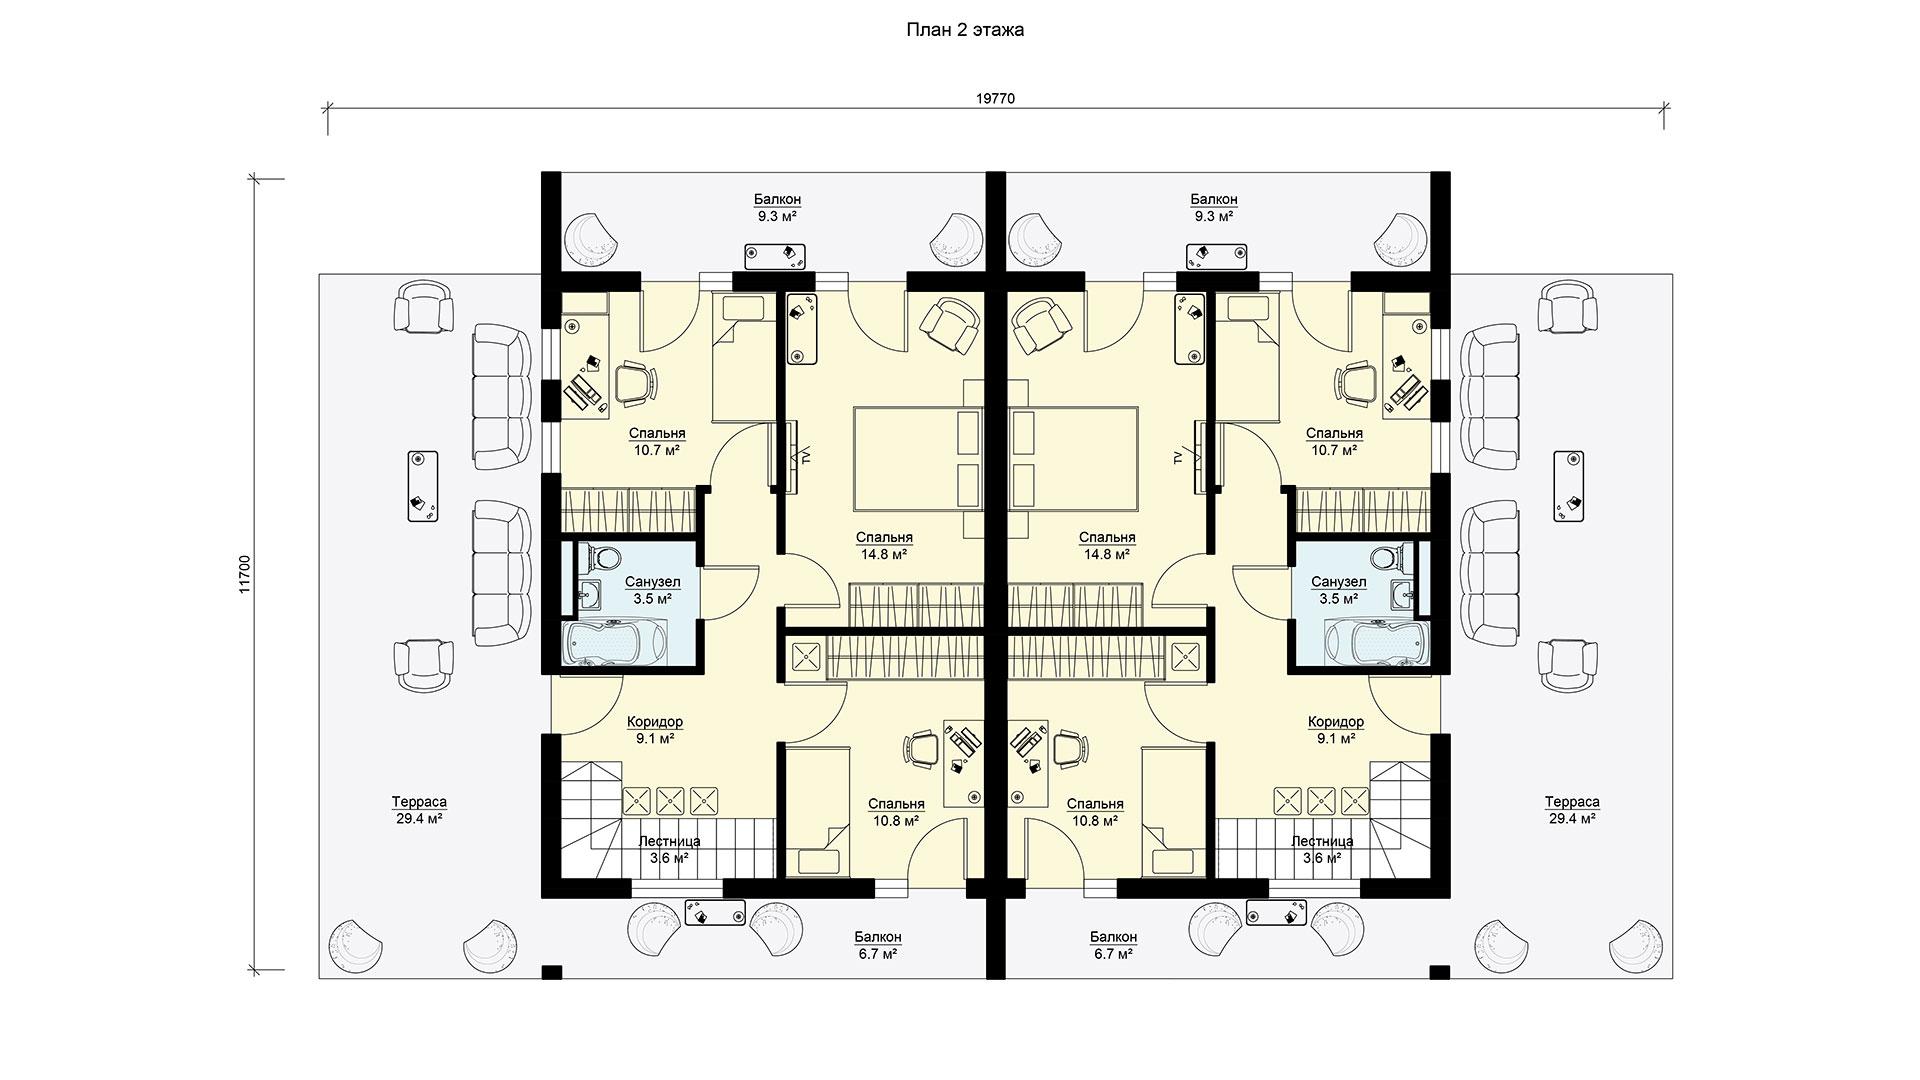 Планировка второго этажа двухэтажного дома с гаражами, террасами и балконами. Проекта БЭНПАН-391